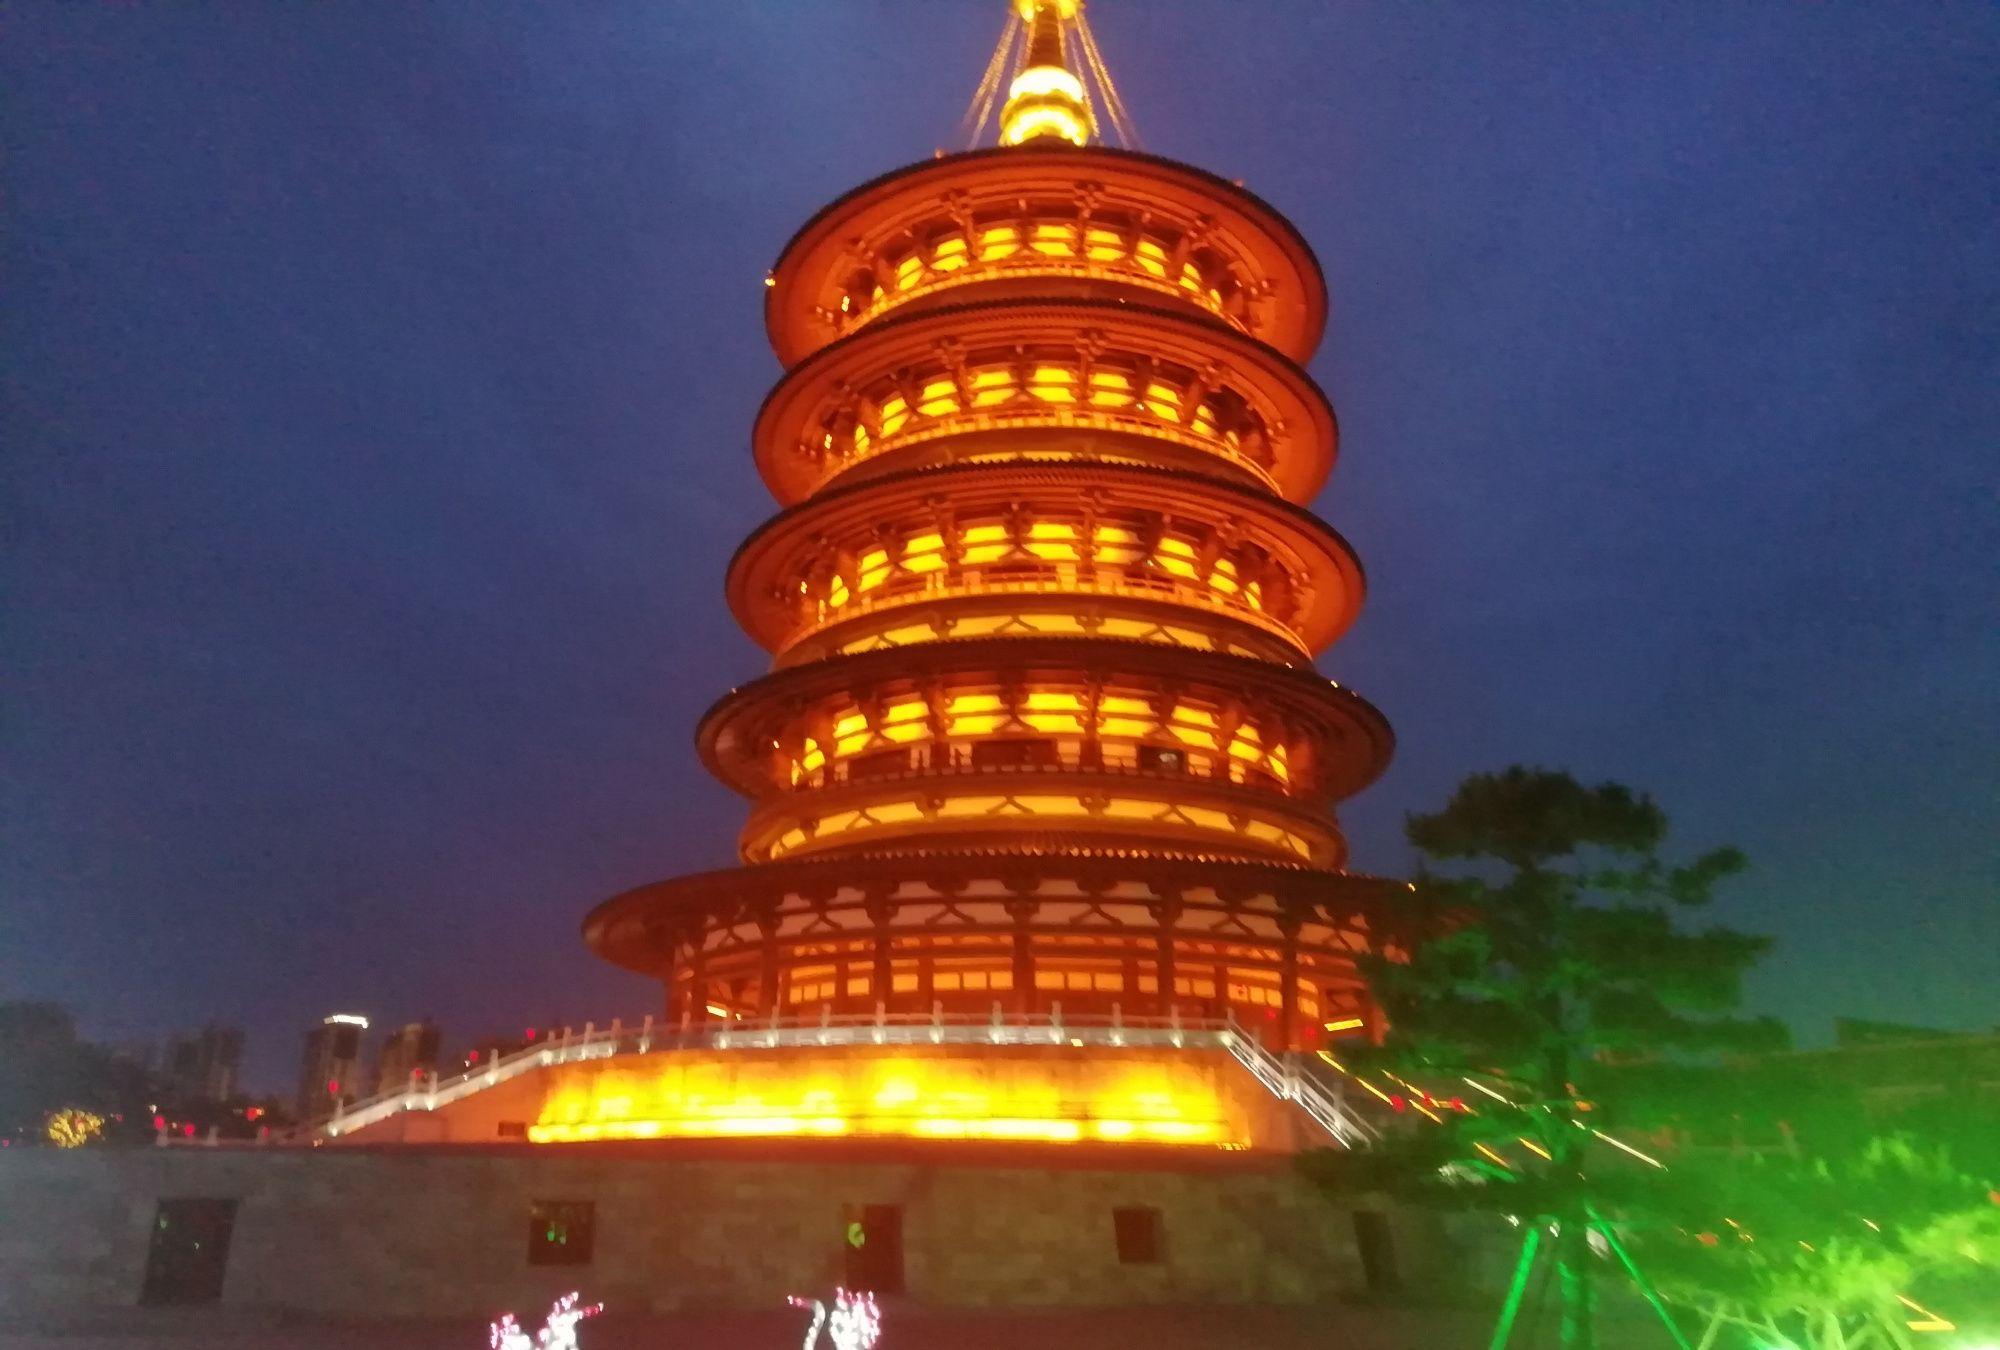 洛阳著名旅游景点天堂明堂夜景简介美图锦集